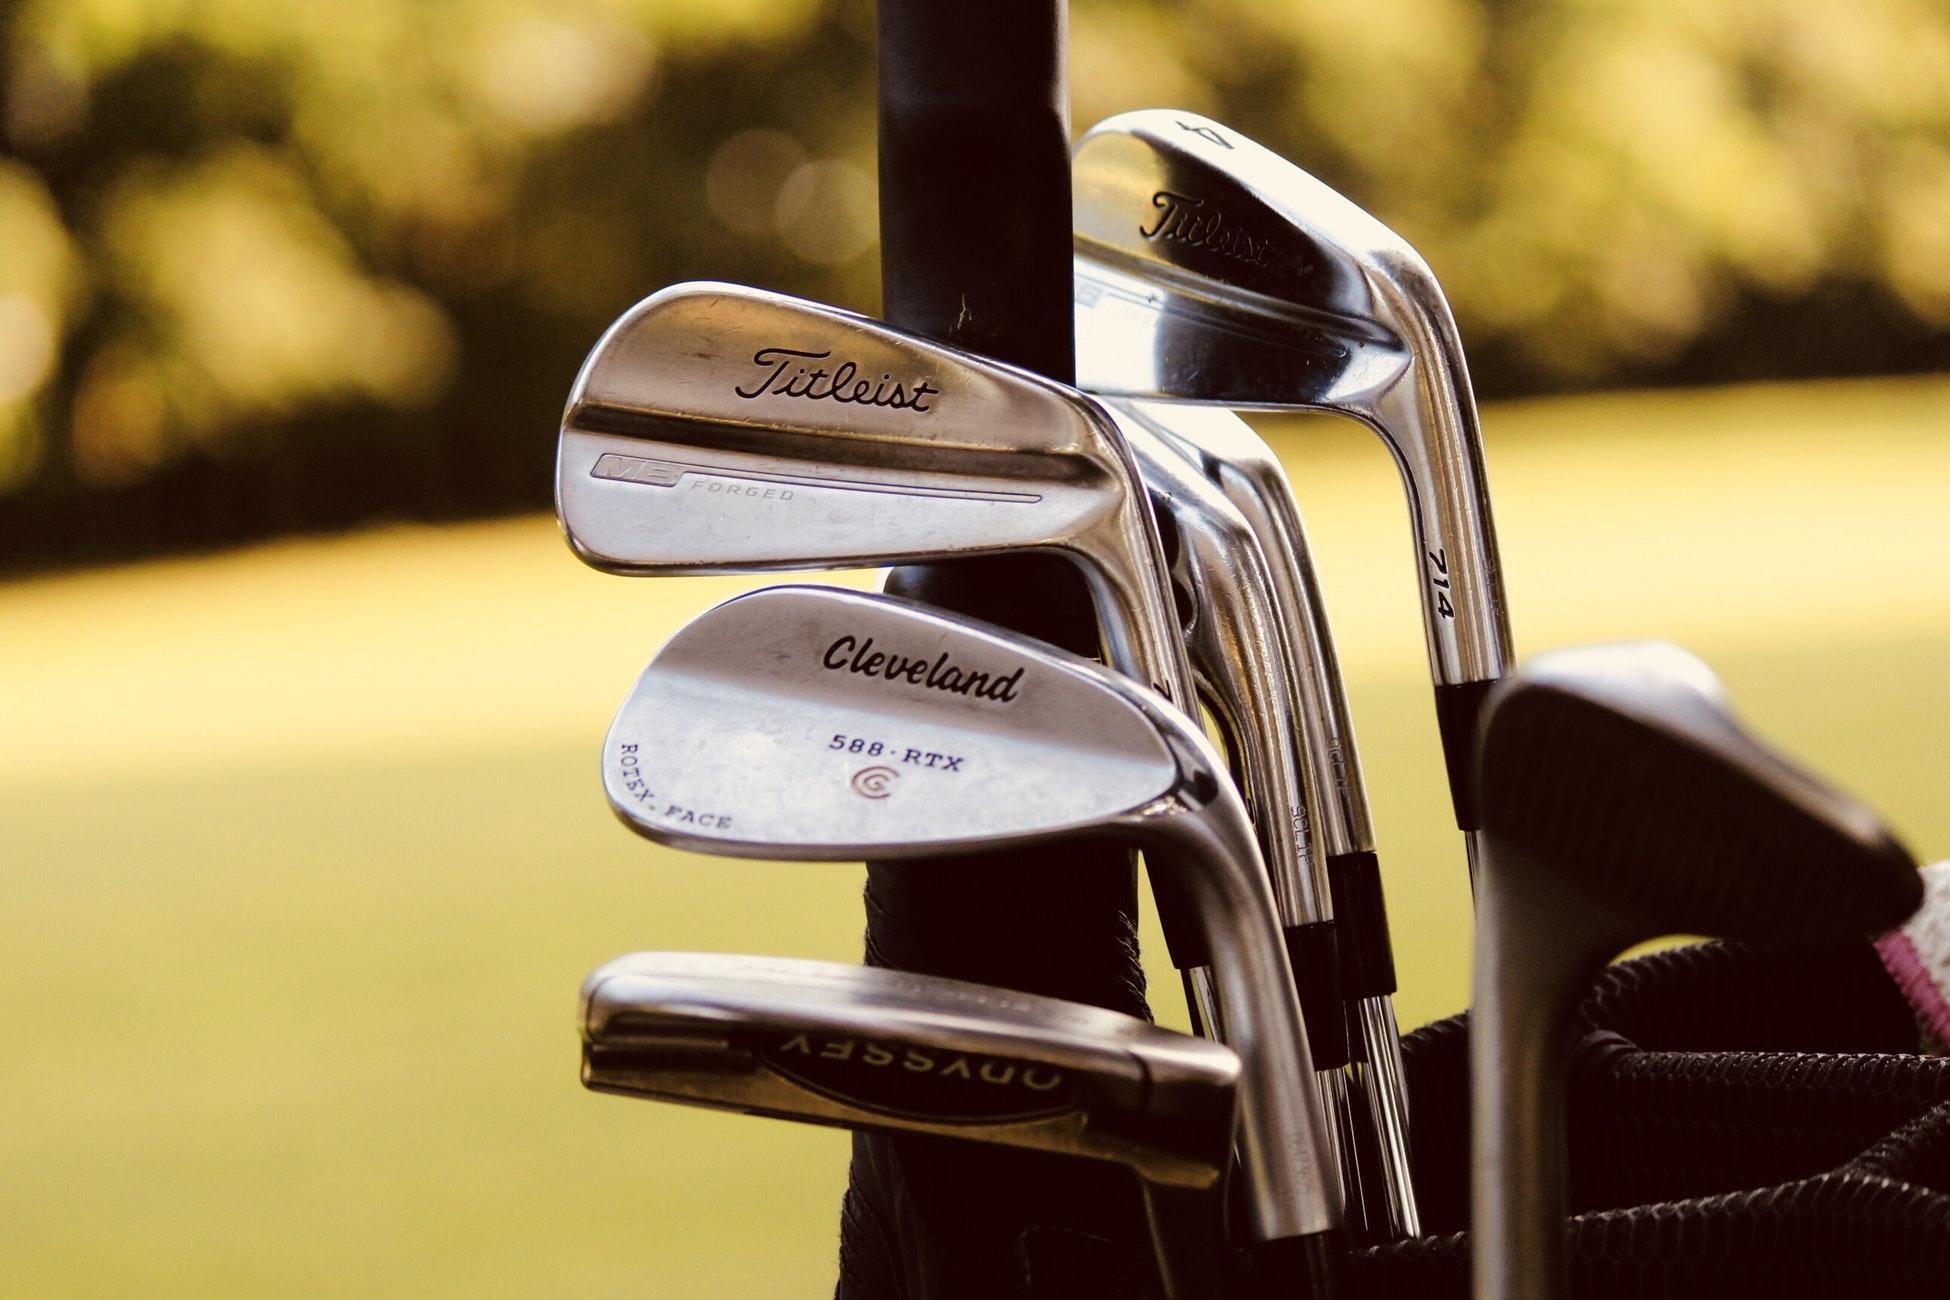 Vårstäda golfbagen